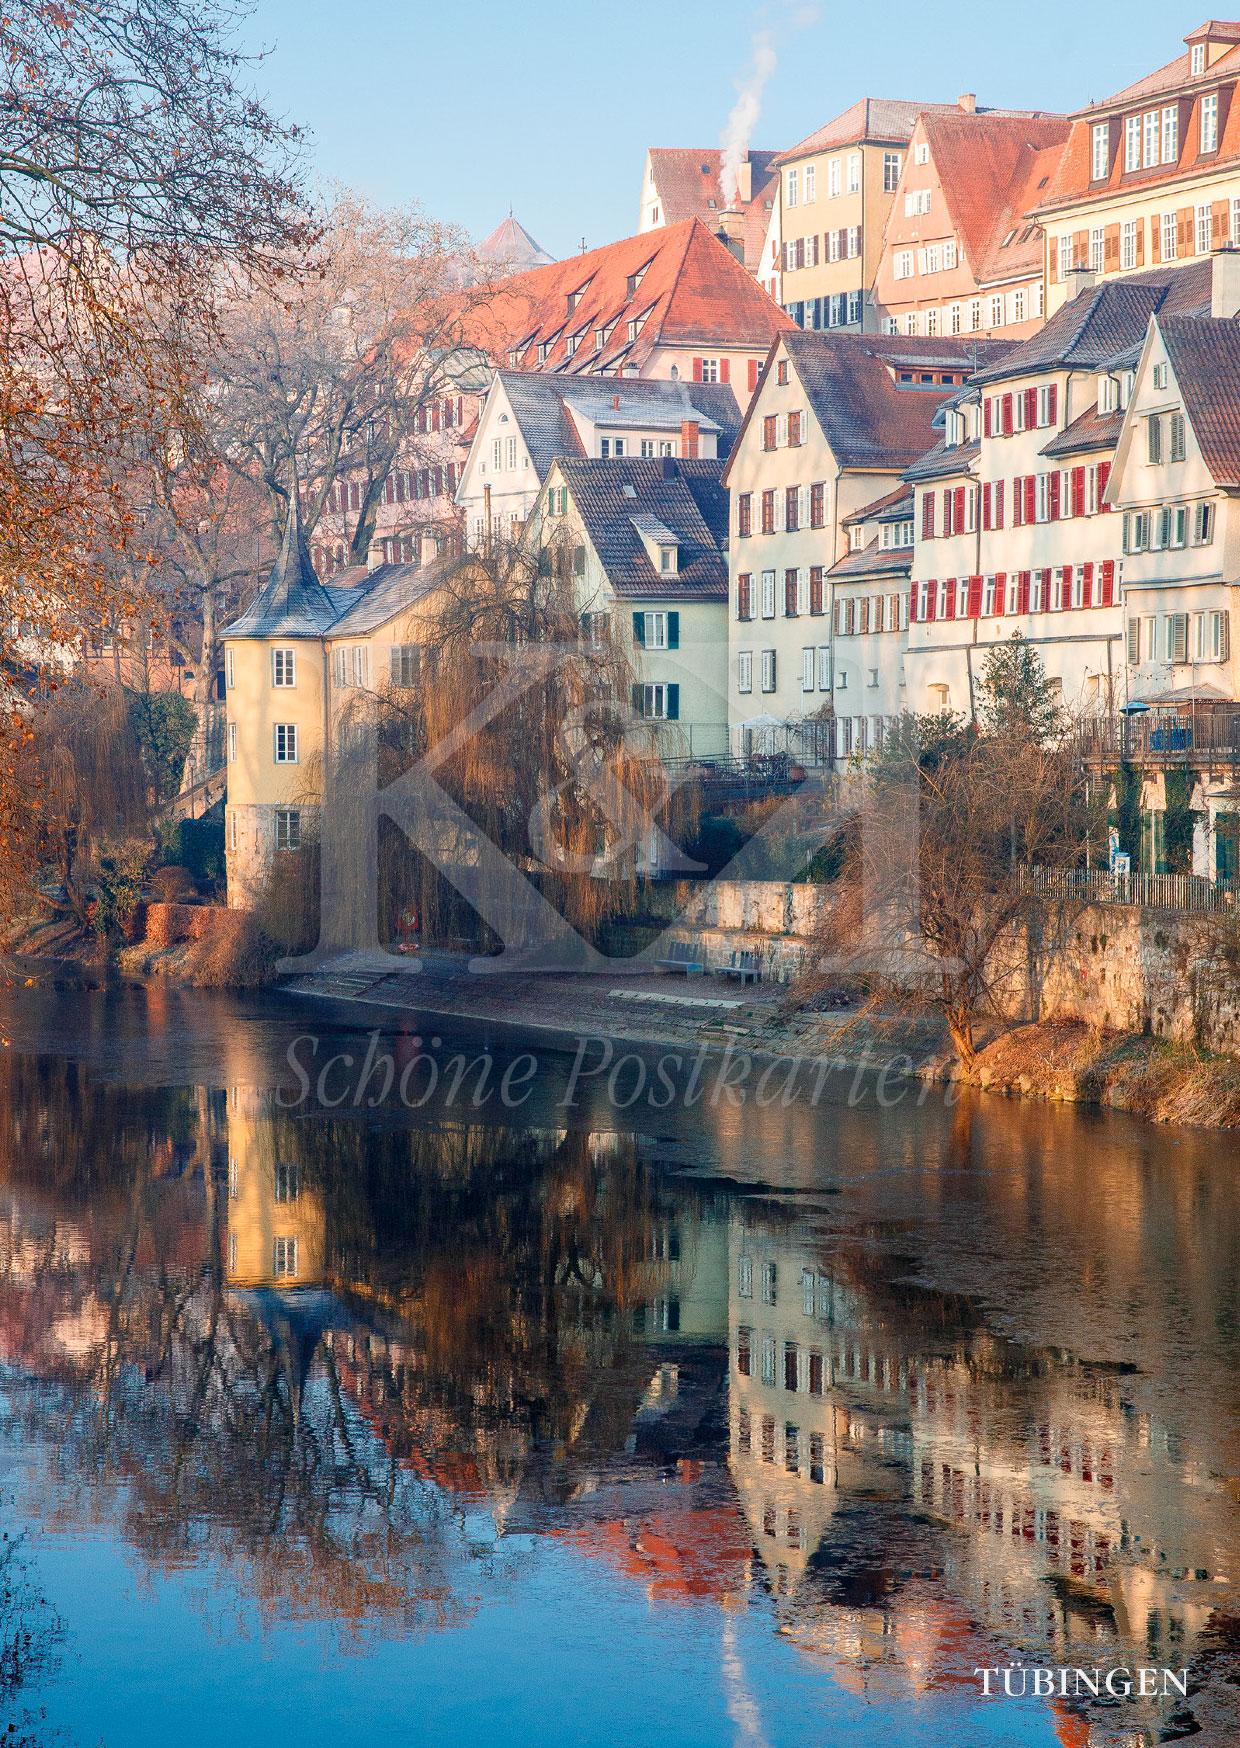 Schöne Postkarte Nr. 193 · So schön, werden wir ihn diesen Winter nicht sehen, den Hölderinturm am Neckar. © 2018